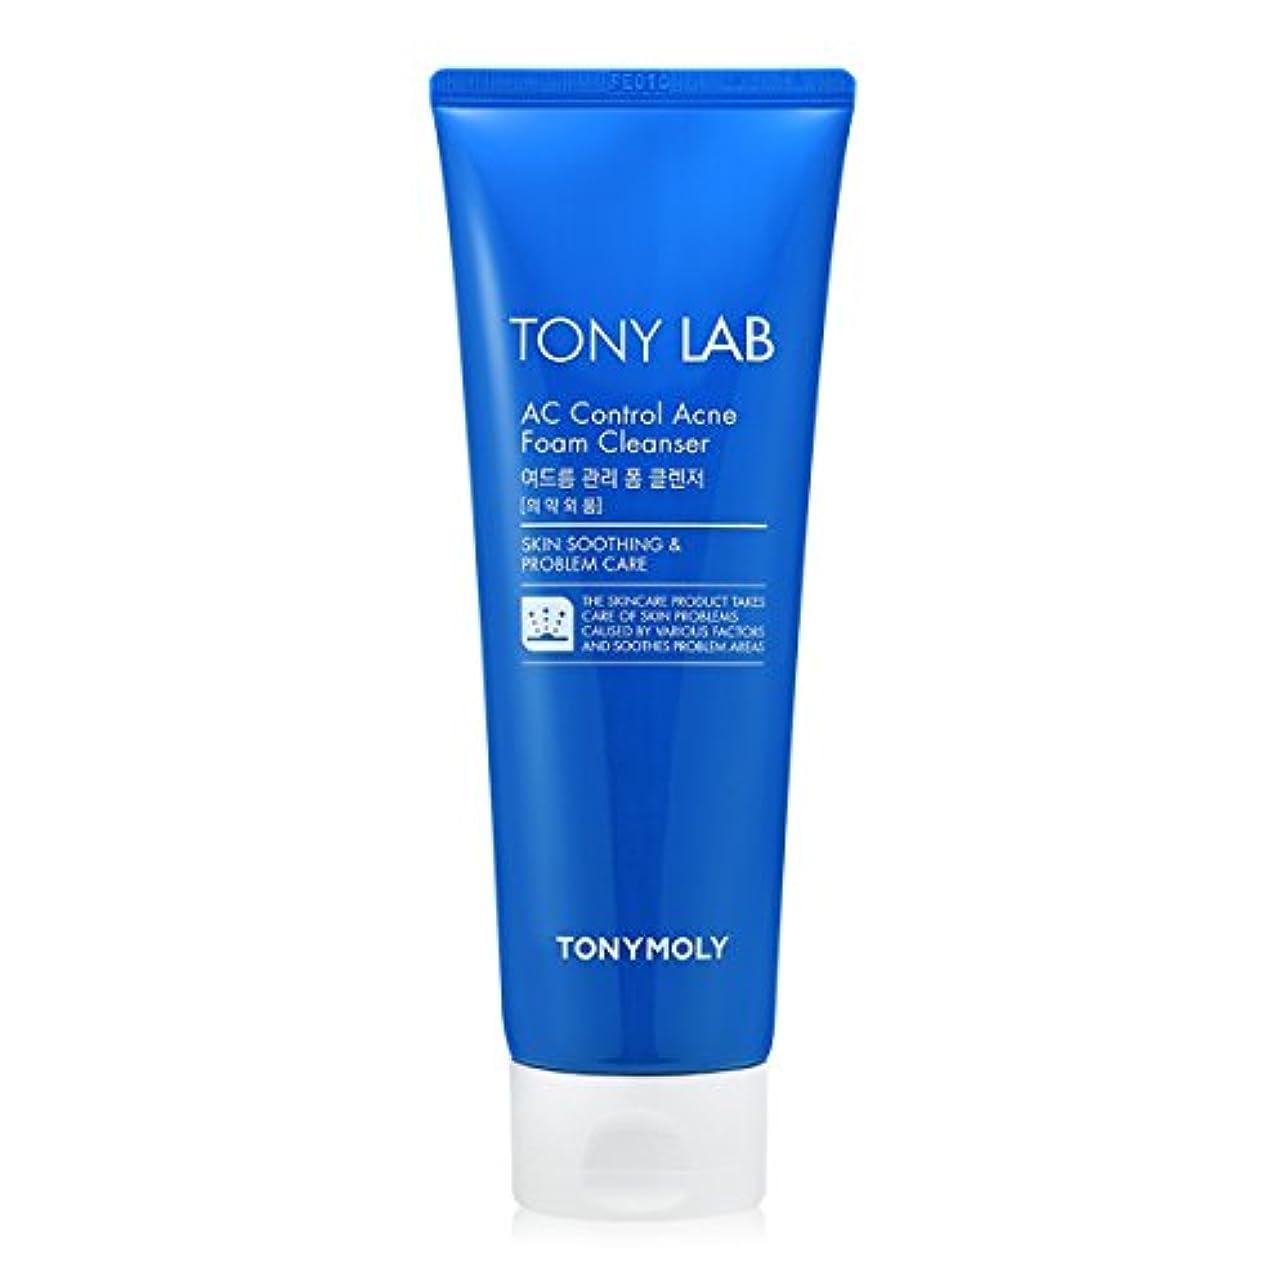 無力通り抜ける見ました[New] TONYMOLY Tony Lab AC Control Acne Foam Cleanser 150ml/トニーモリー トニー ラボ AC コントロール アクネ フォーム クレンザー 150ml [並行輸入品]